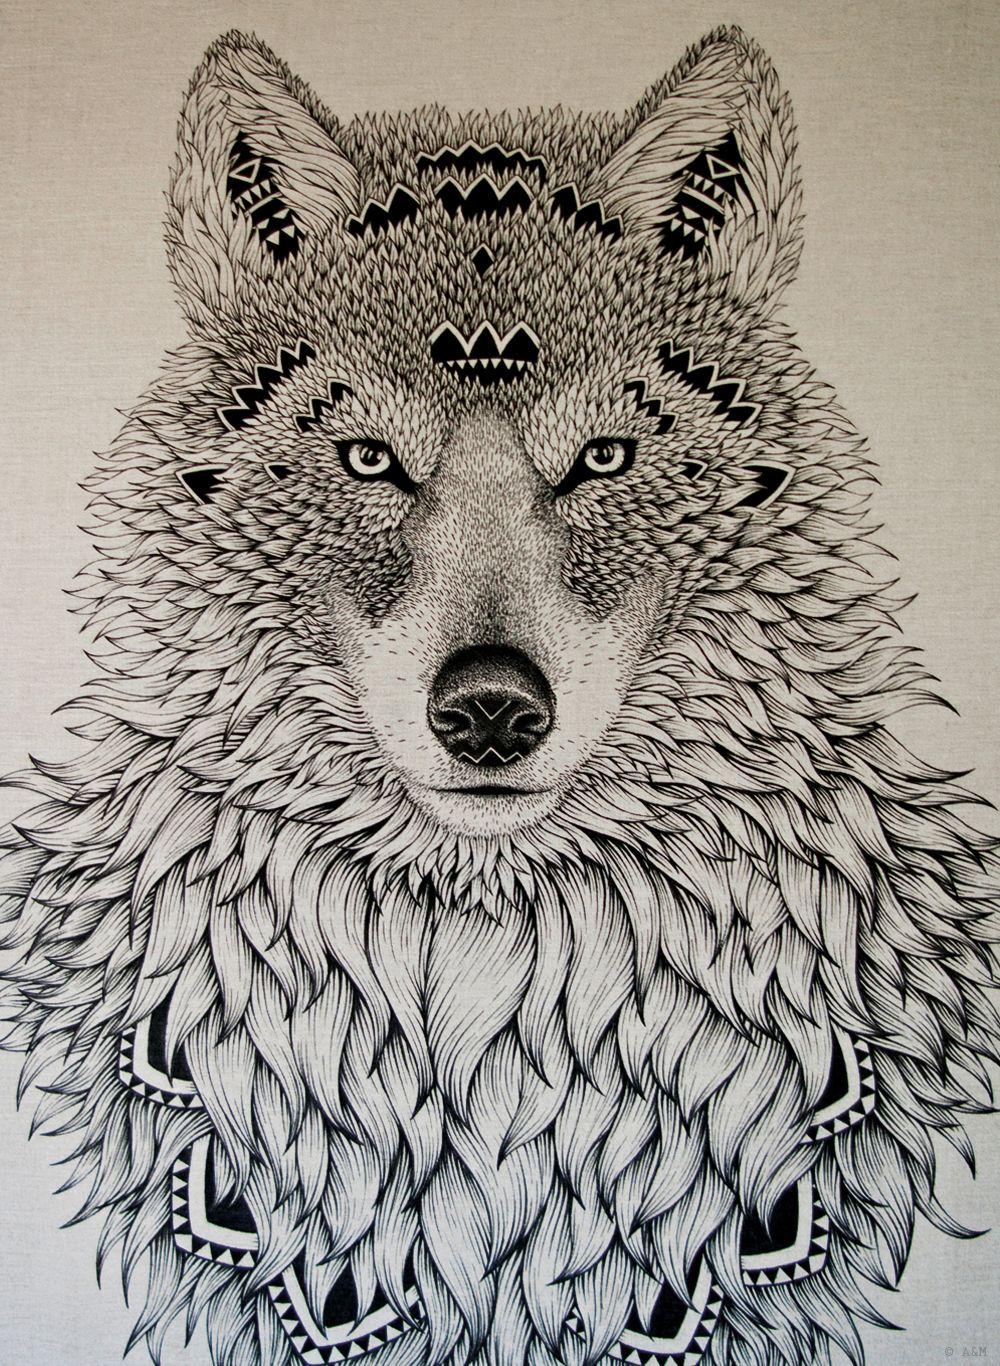 Los murales tatuados de alex marine mandalas lobos y tatuajes - Tatouage loup mandala ...